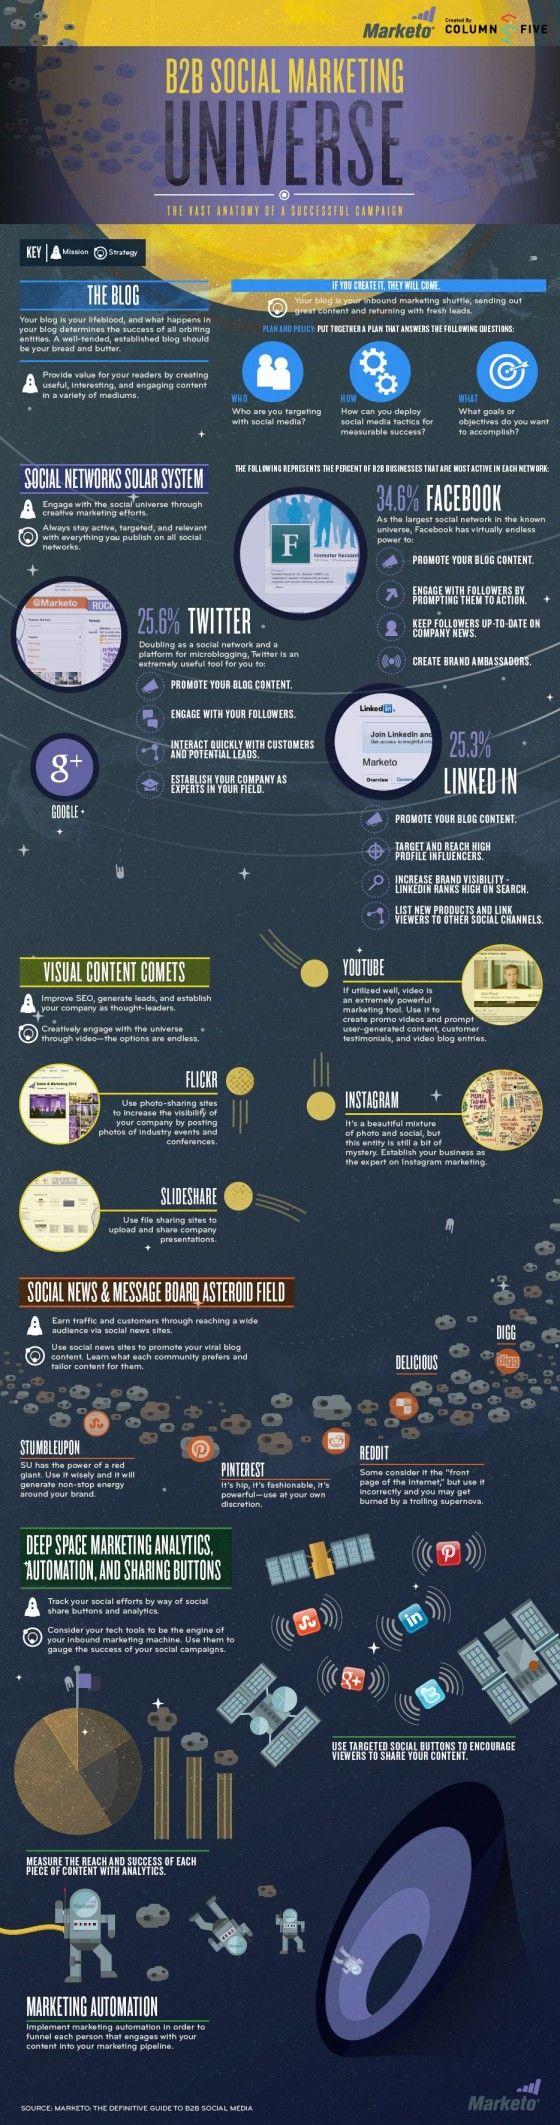 L'universo dei #social media: tutto orbita intorno al #blog